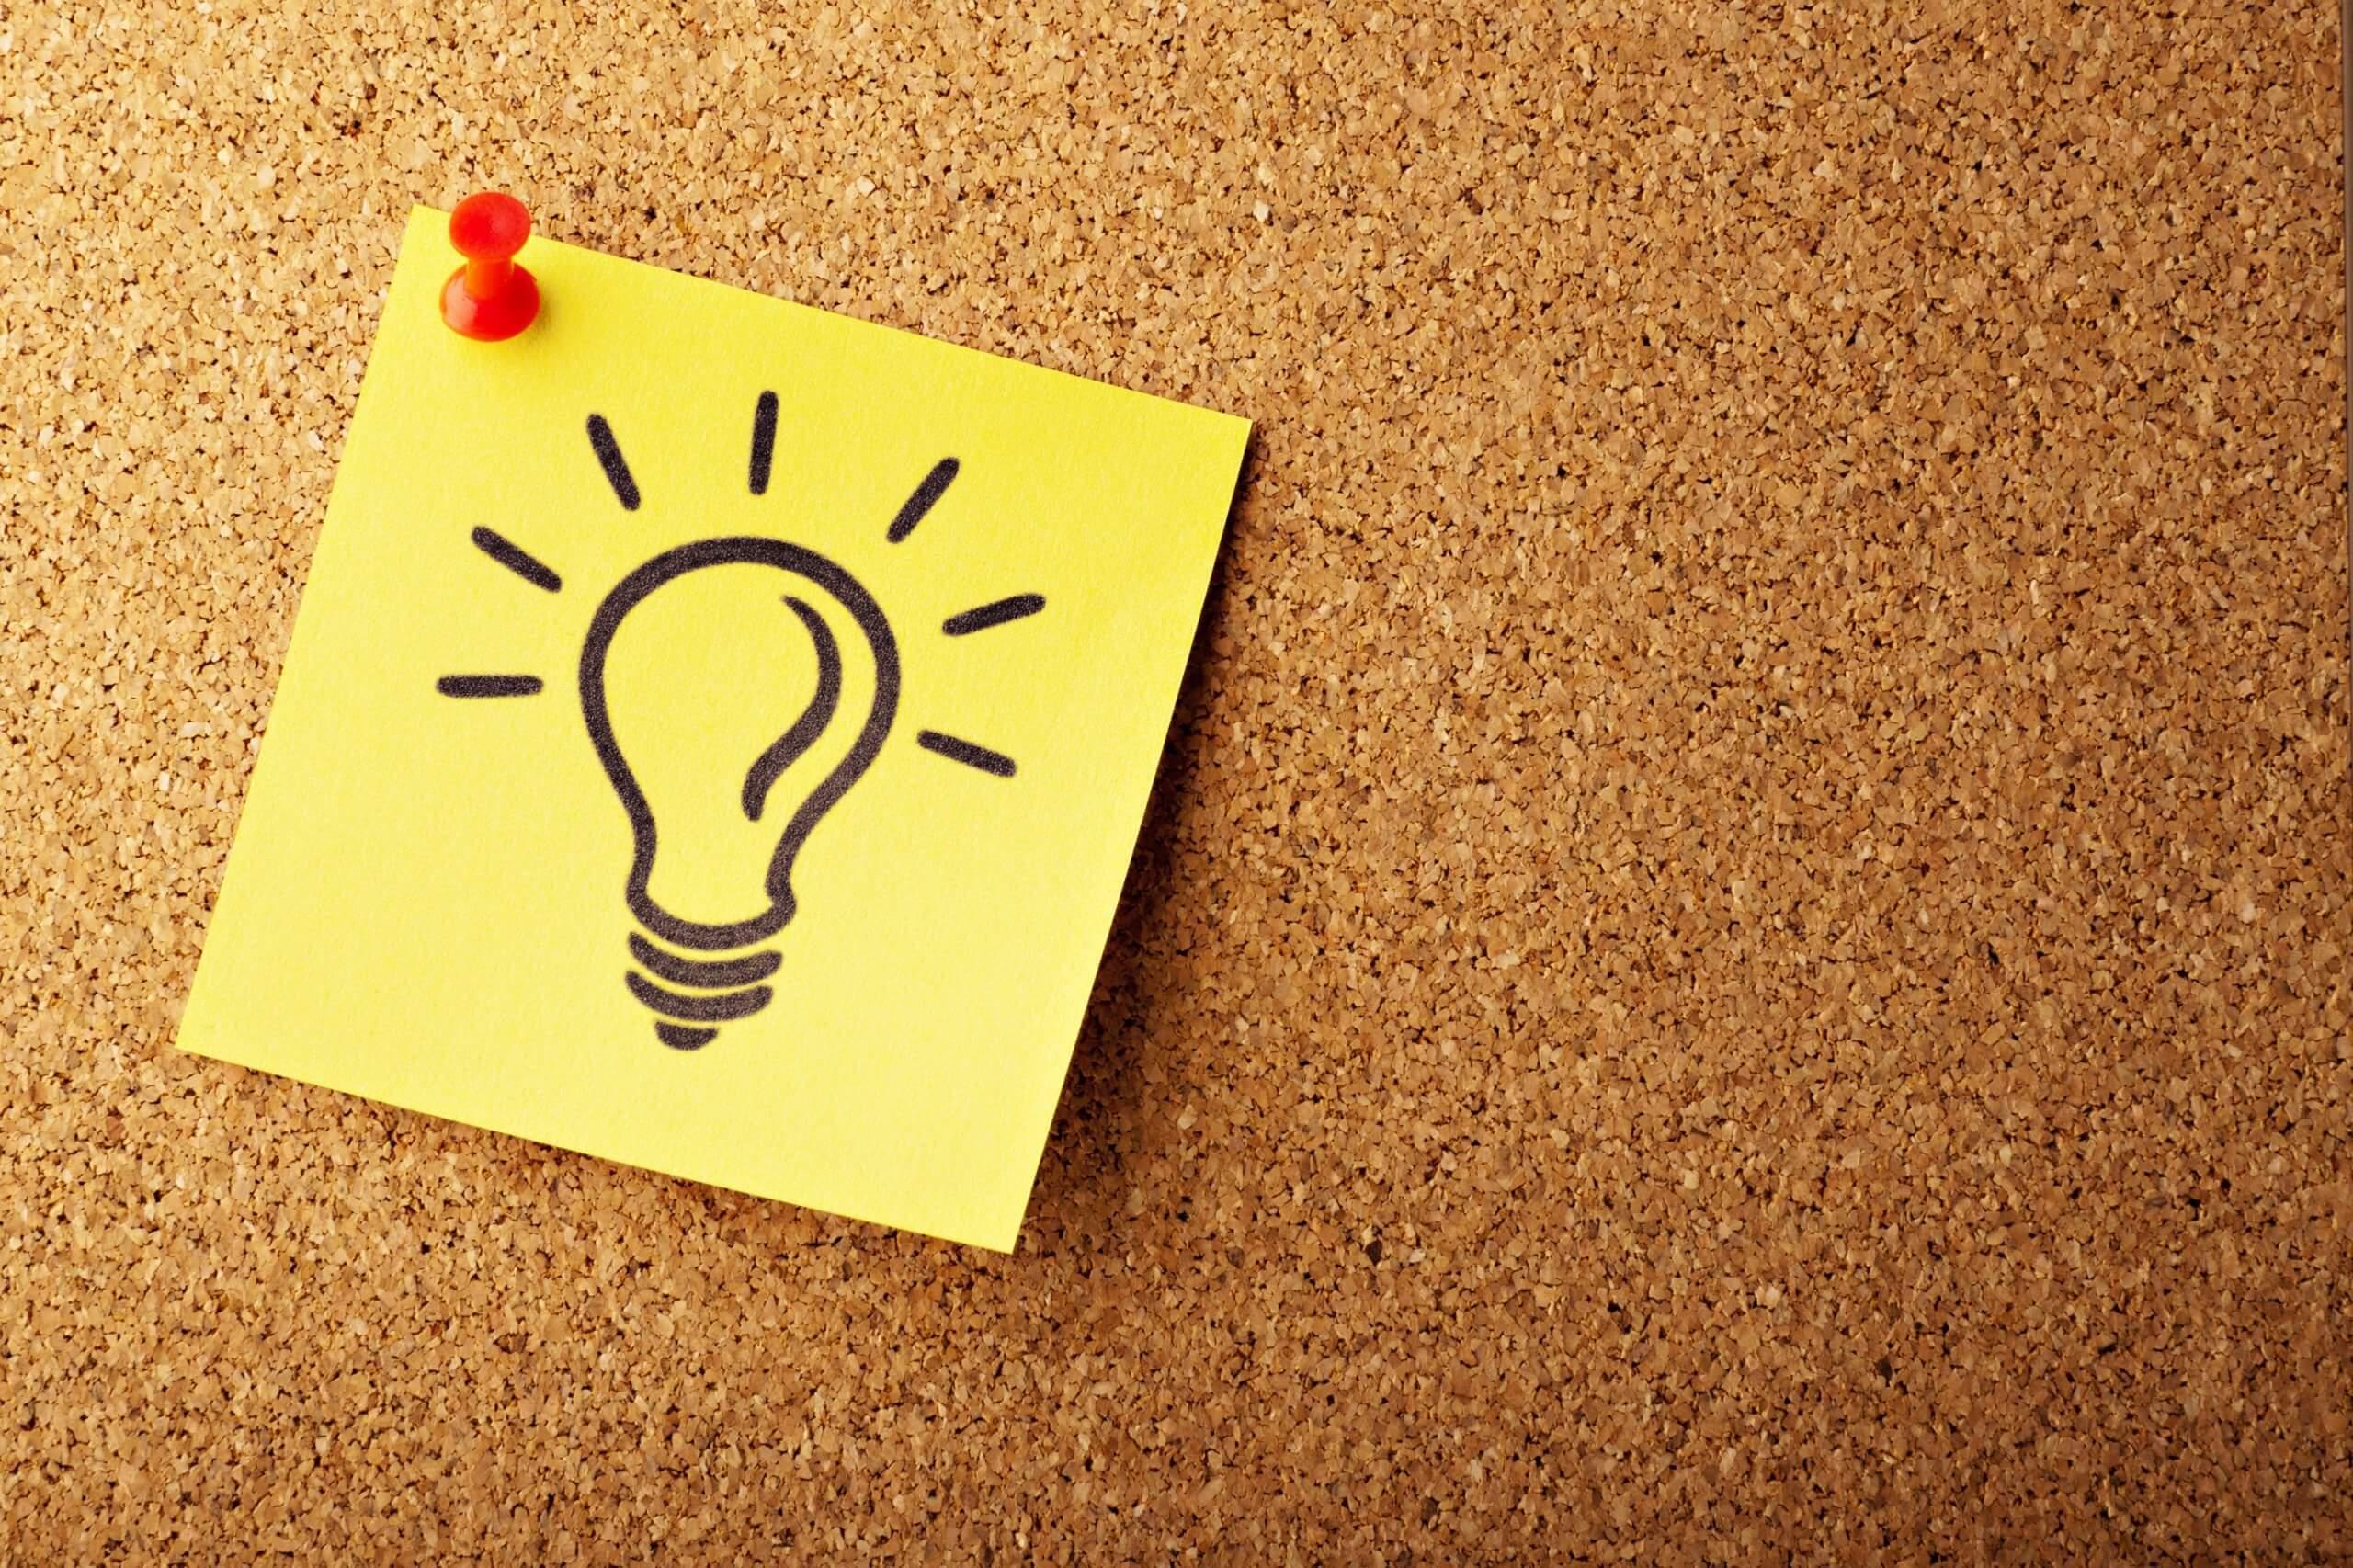 【お知らせ】ツール開発のアイデア募集中